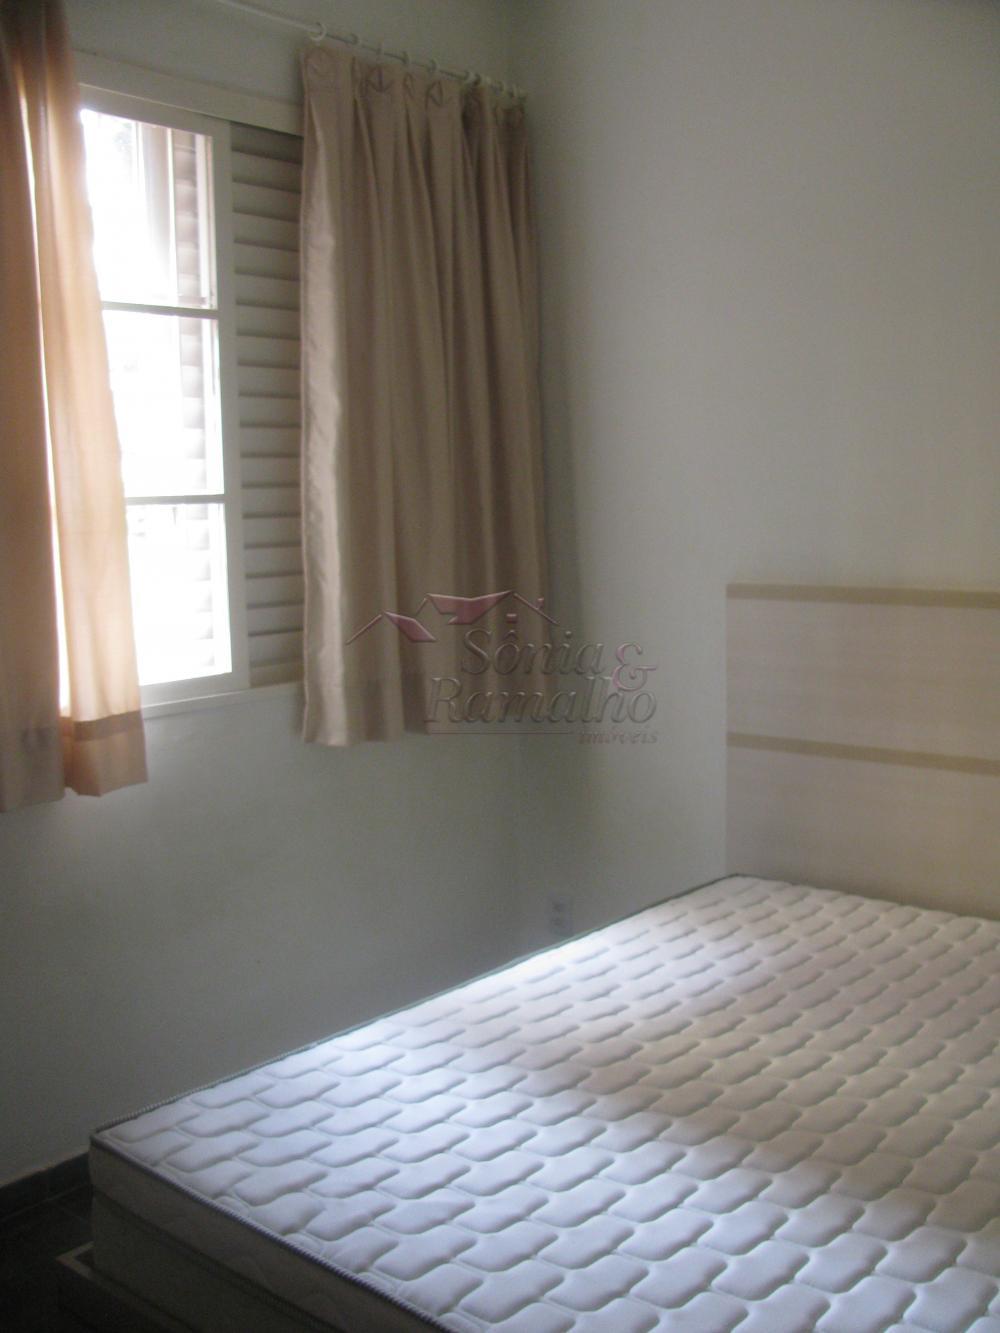 Alugar Apartamentos / Padrão em Ribeirão Preto apenas R$ 900,00 - Foto 7